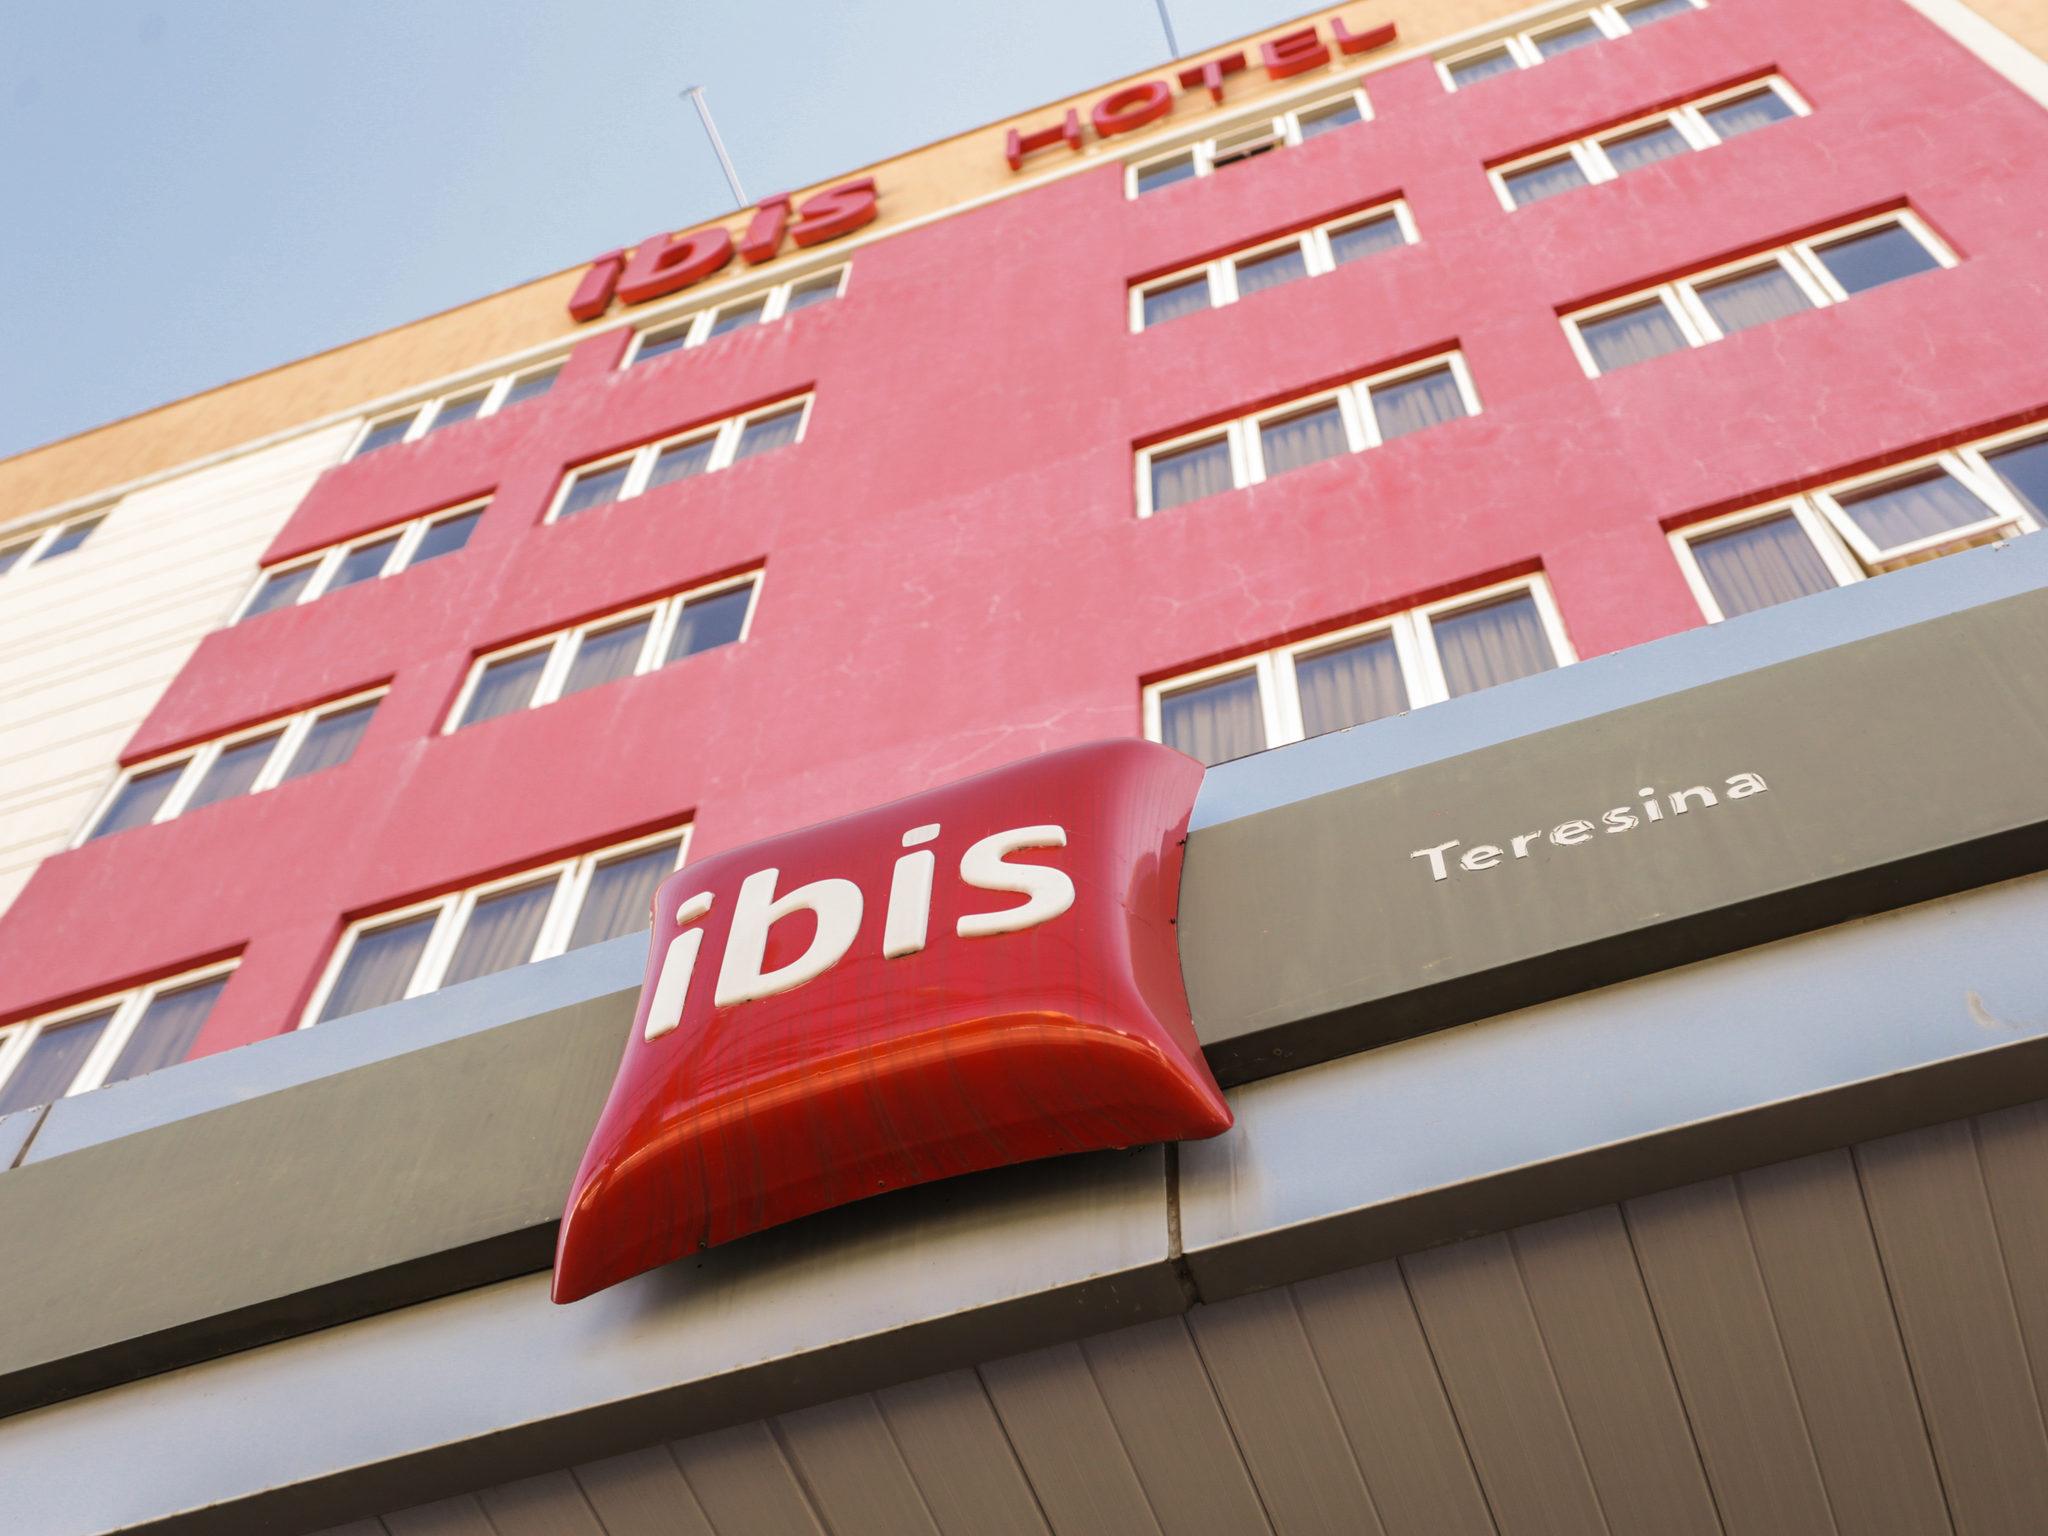 فندق - ibis Teresina